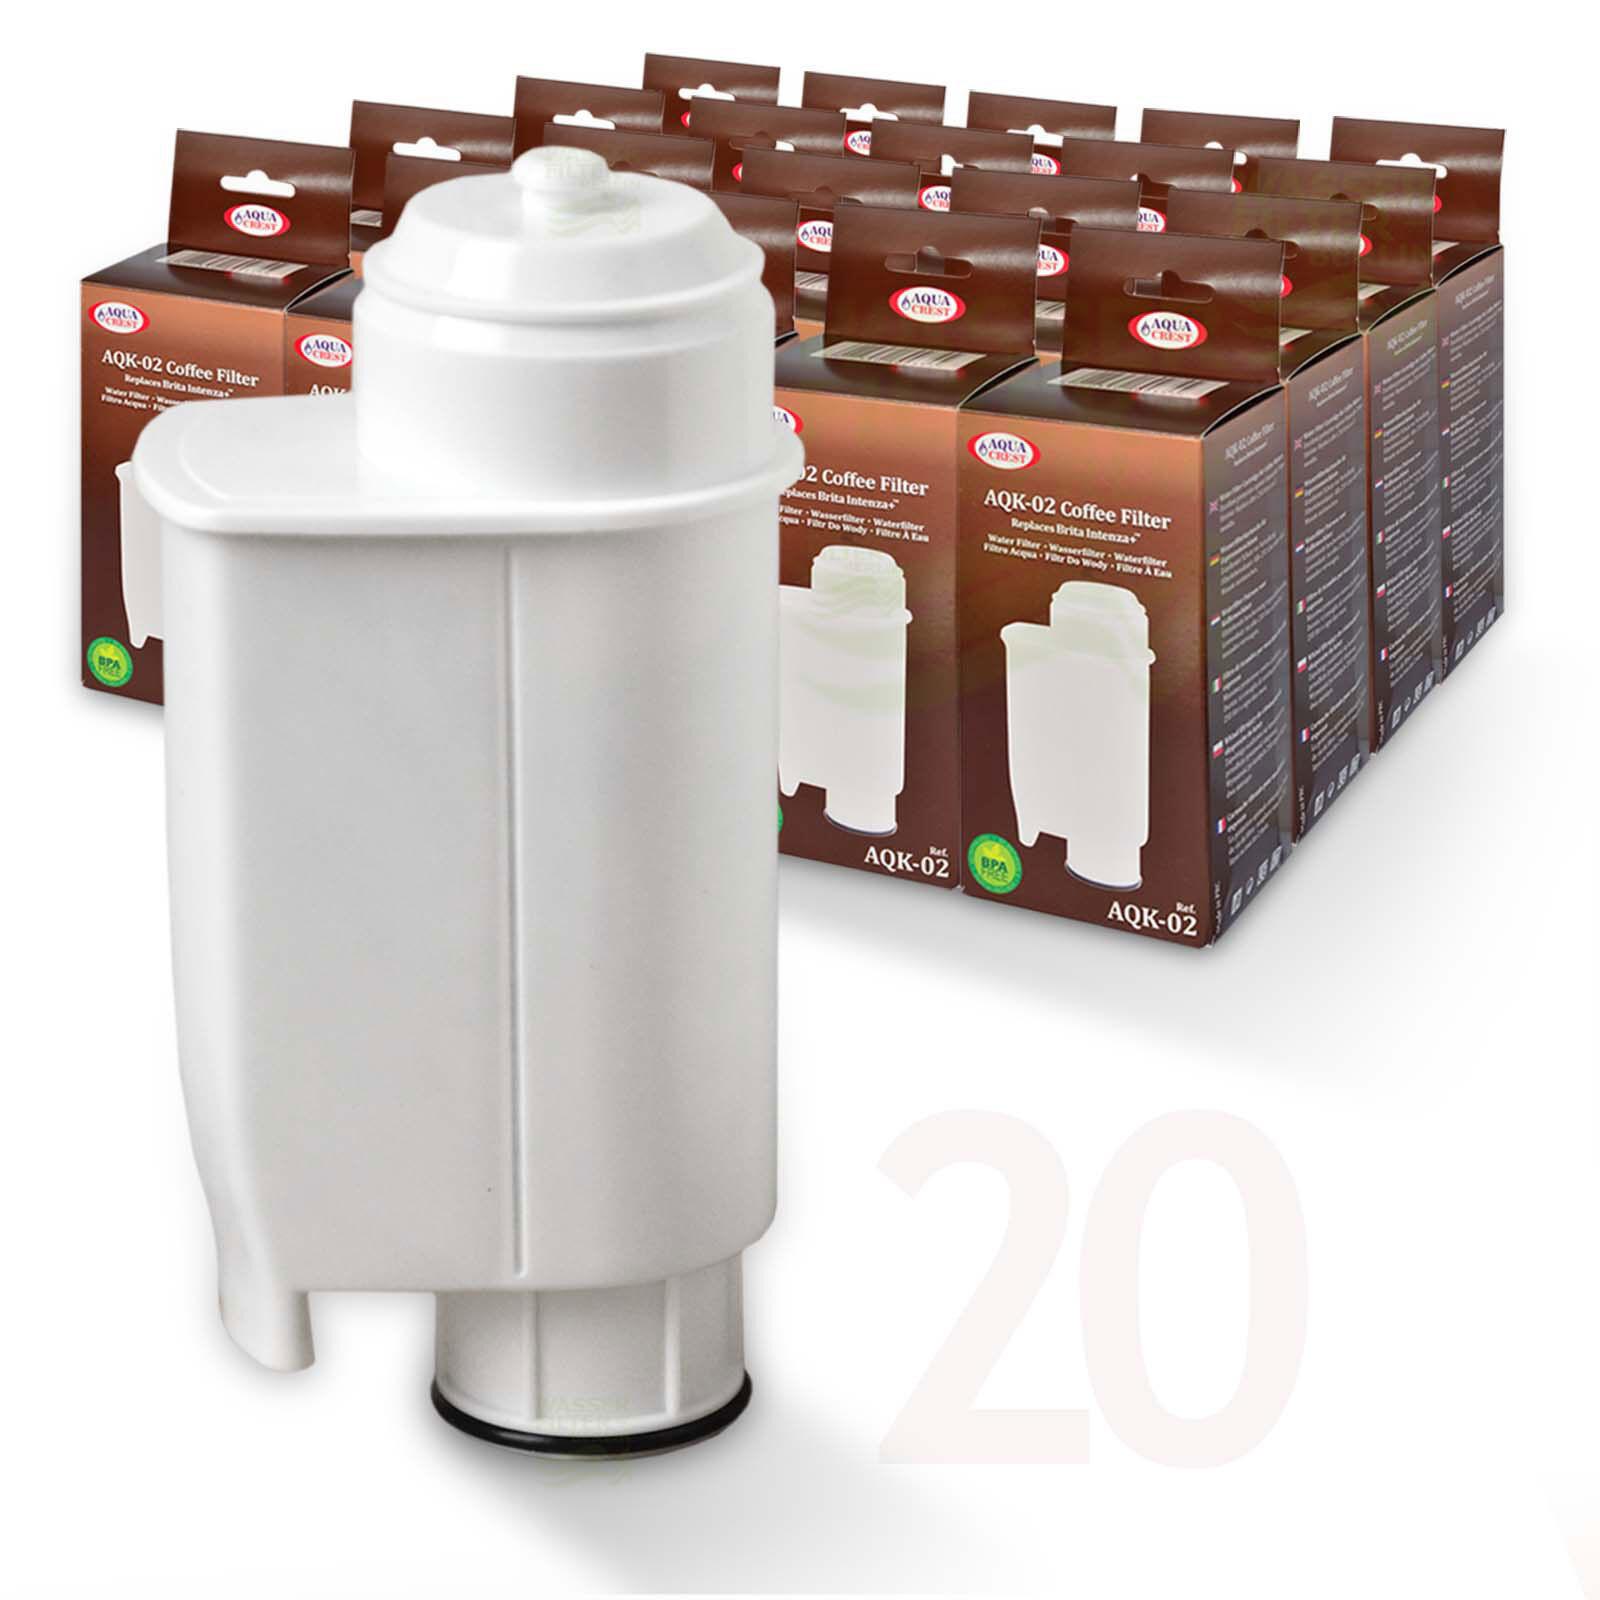 20x Intenza PLUS COMPATIBILE FILTRO ACQUA PER SAECO Phillips BOSCH kaffeemasch.